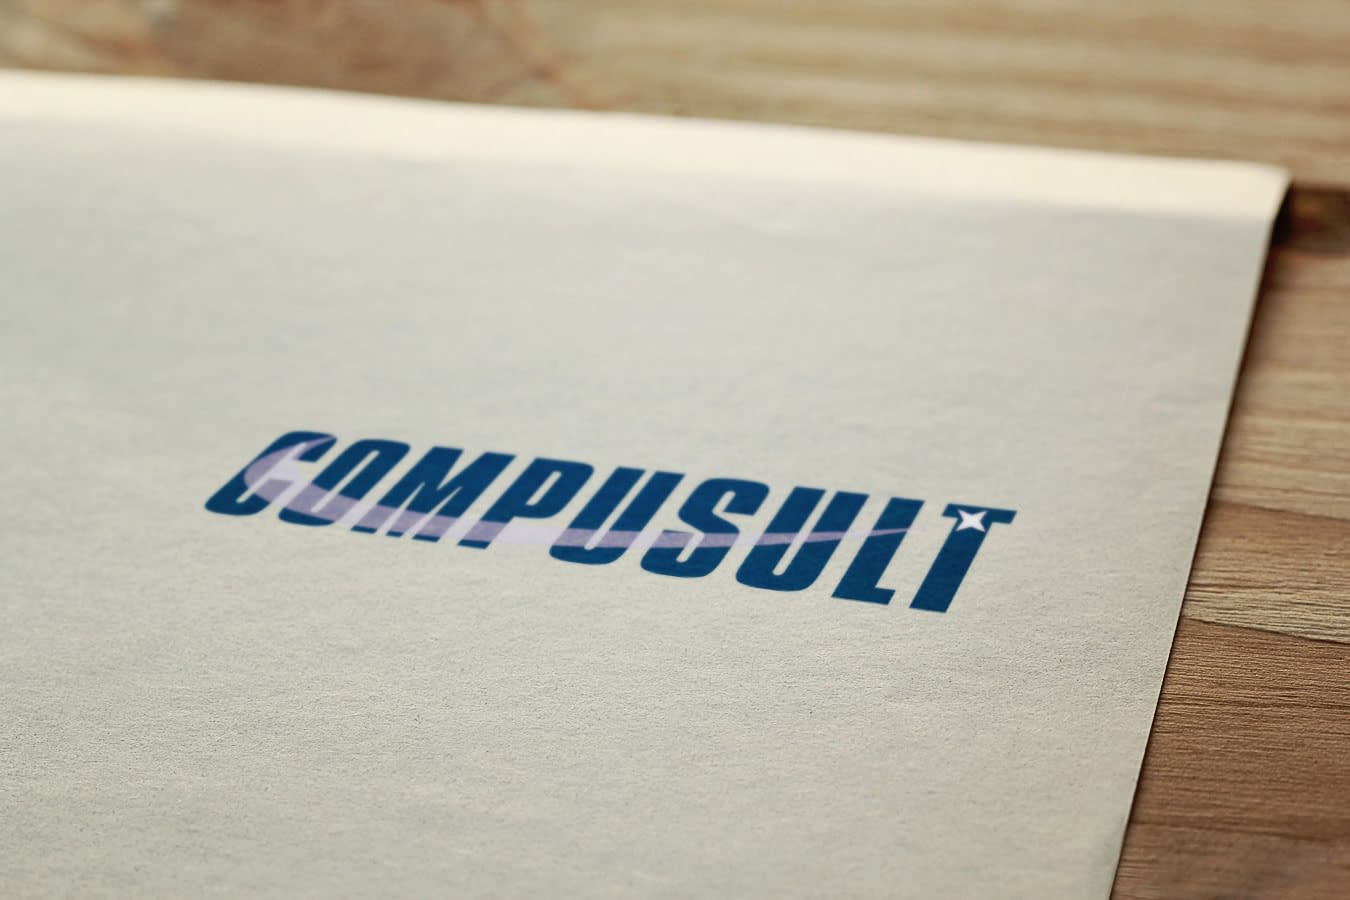 logos_compusult